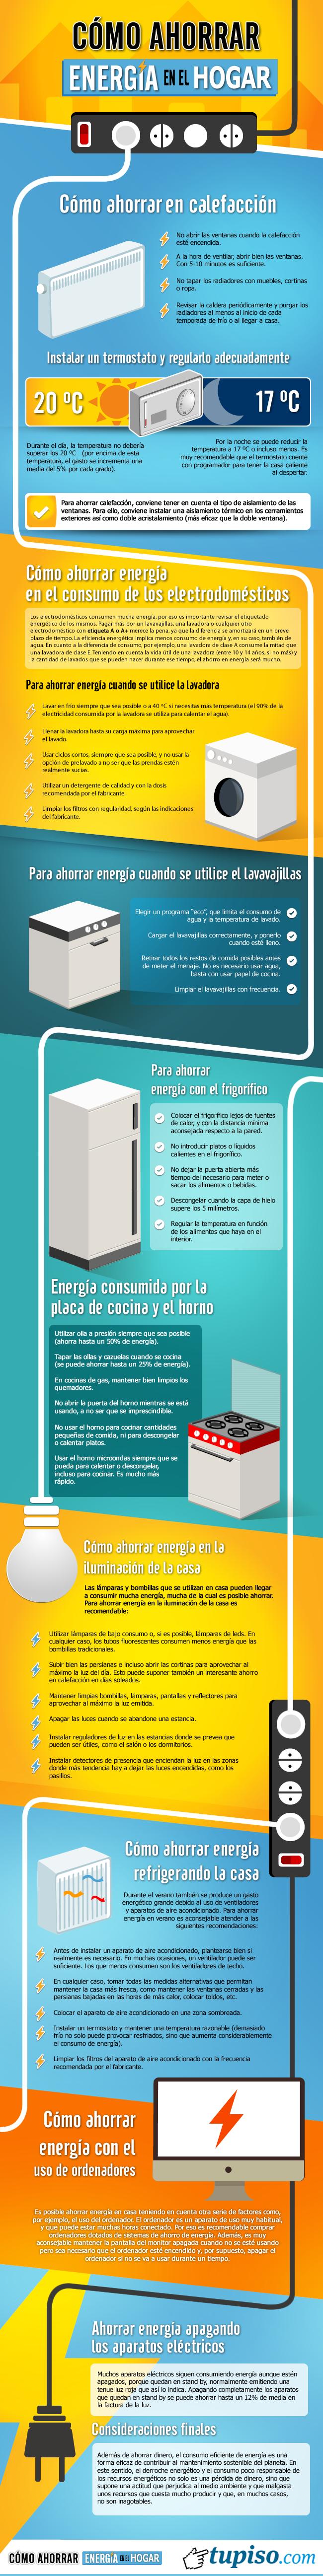 infografia-como-ahorrar-energia-hogar